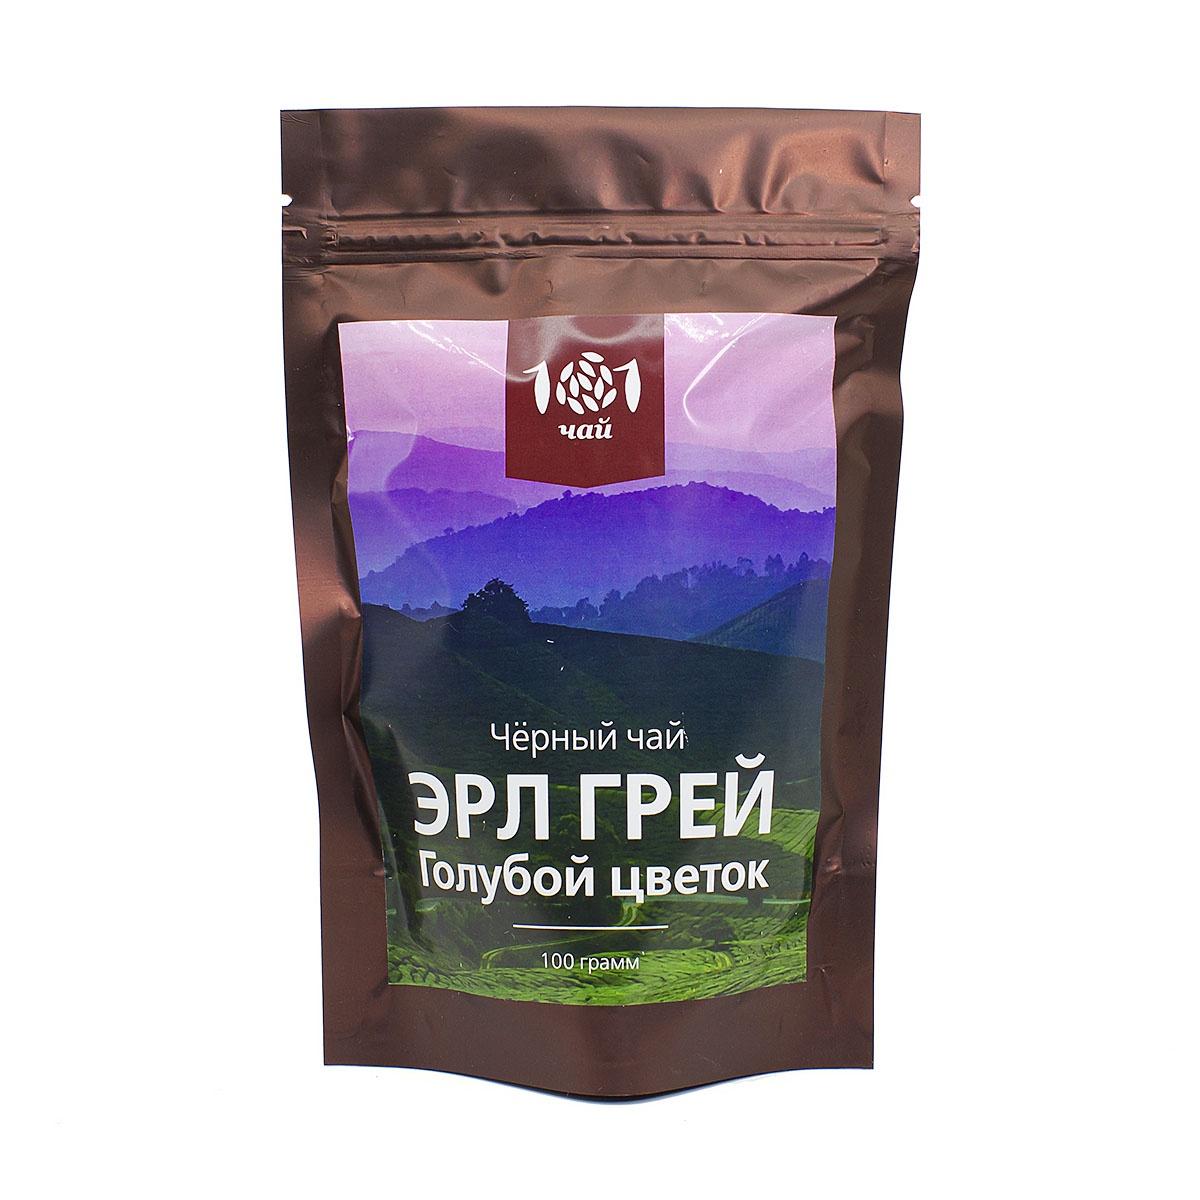 Чай листовой 101 чай Черный ароматизированный Эрл Грей Голубой цветок, 100 г сша lijia fen чай запас 30мл контроль жидкого экстракта масла уменьшить поры освежающих баланс воды и пополнение масла